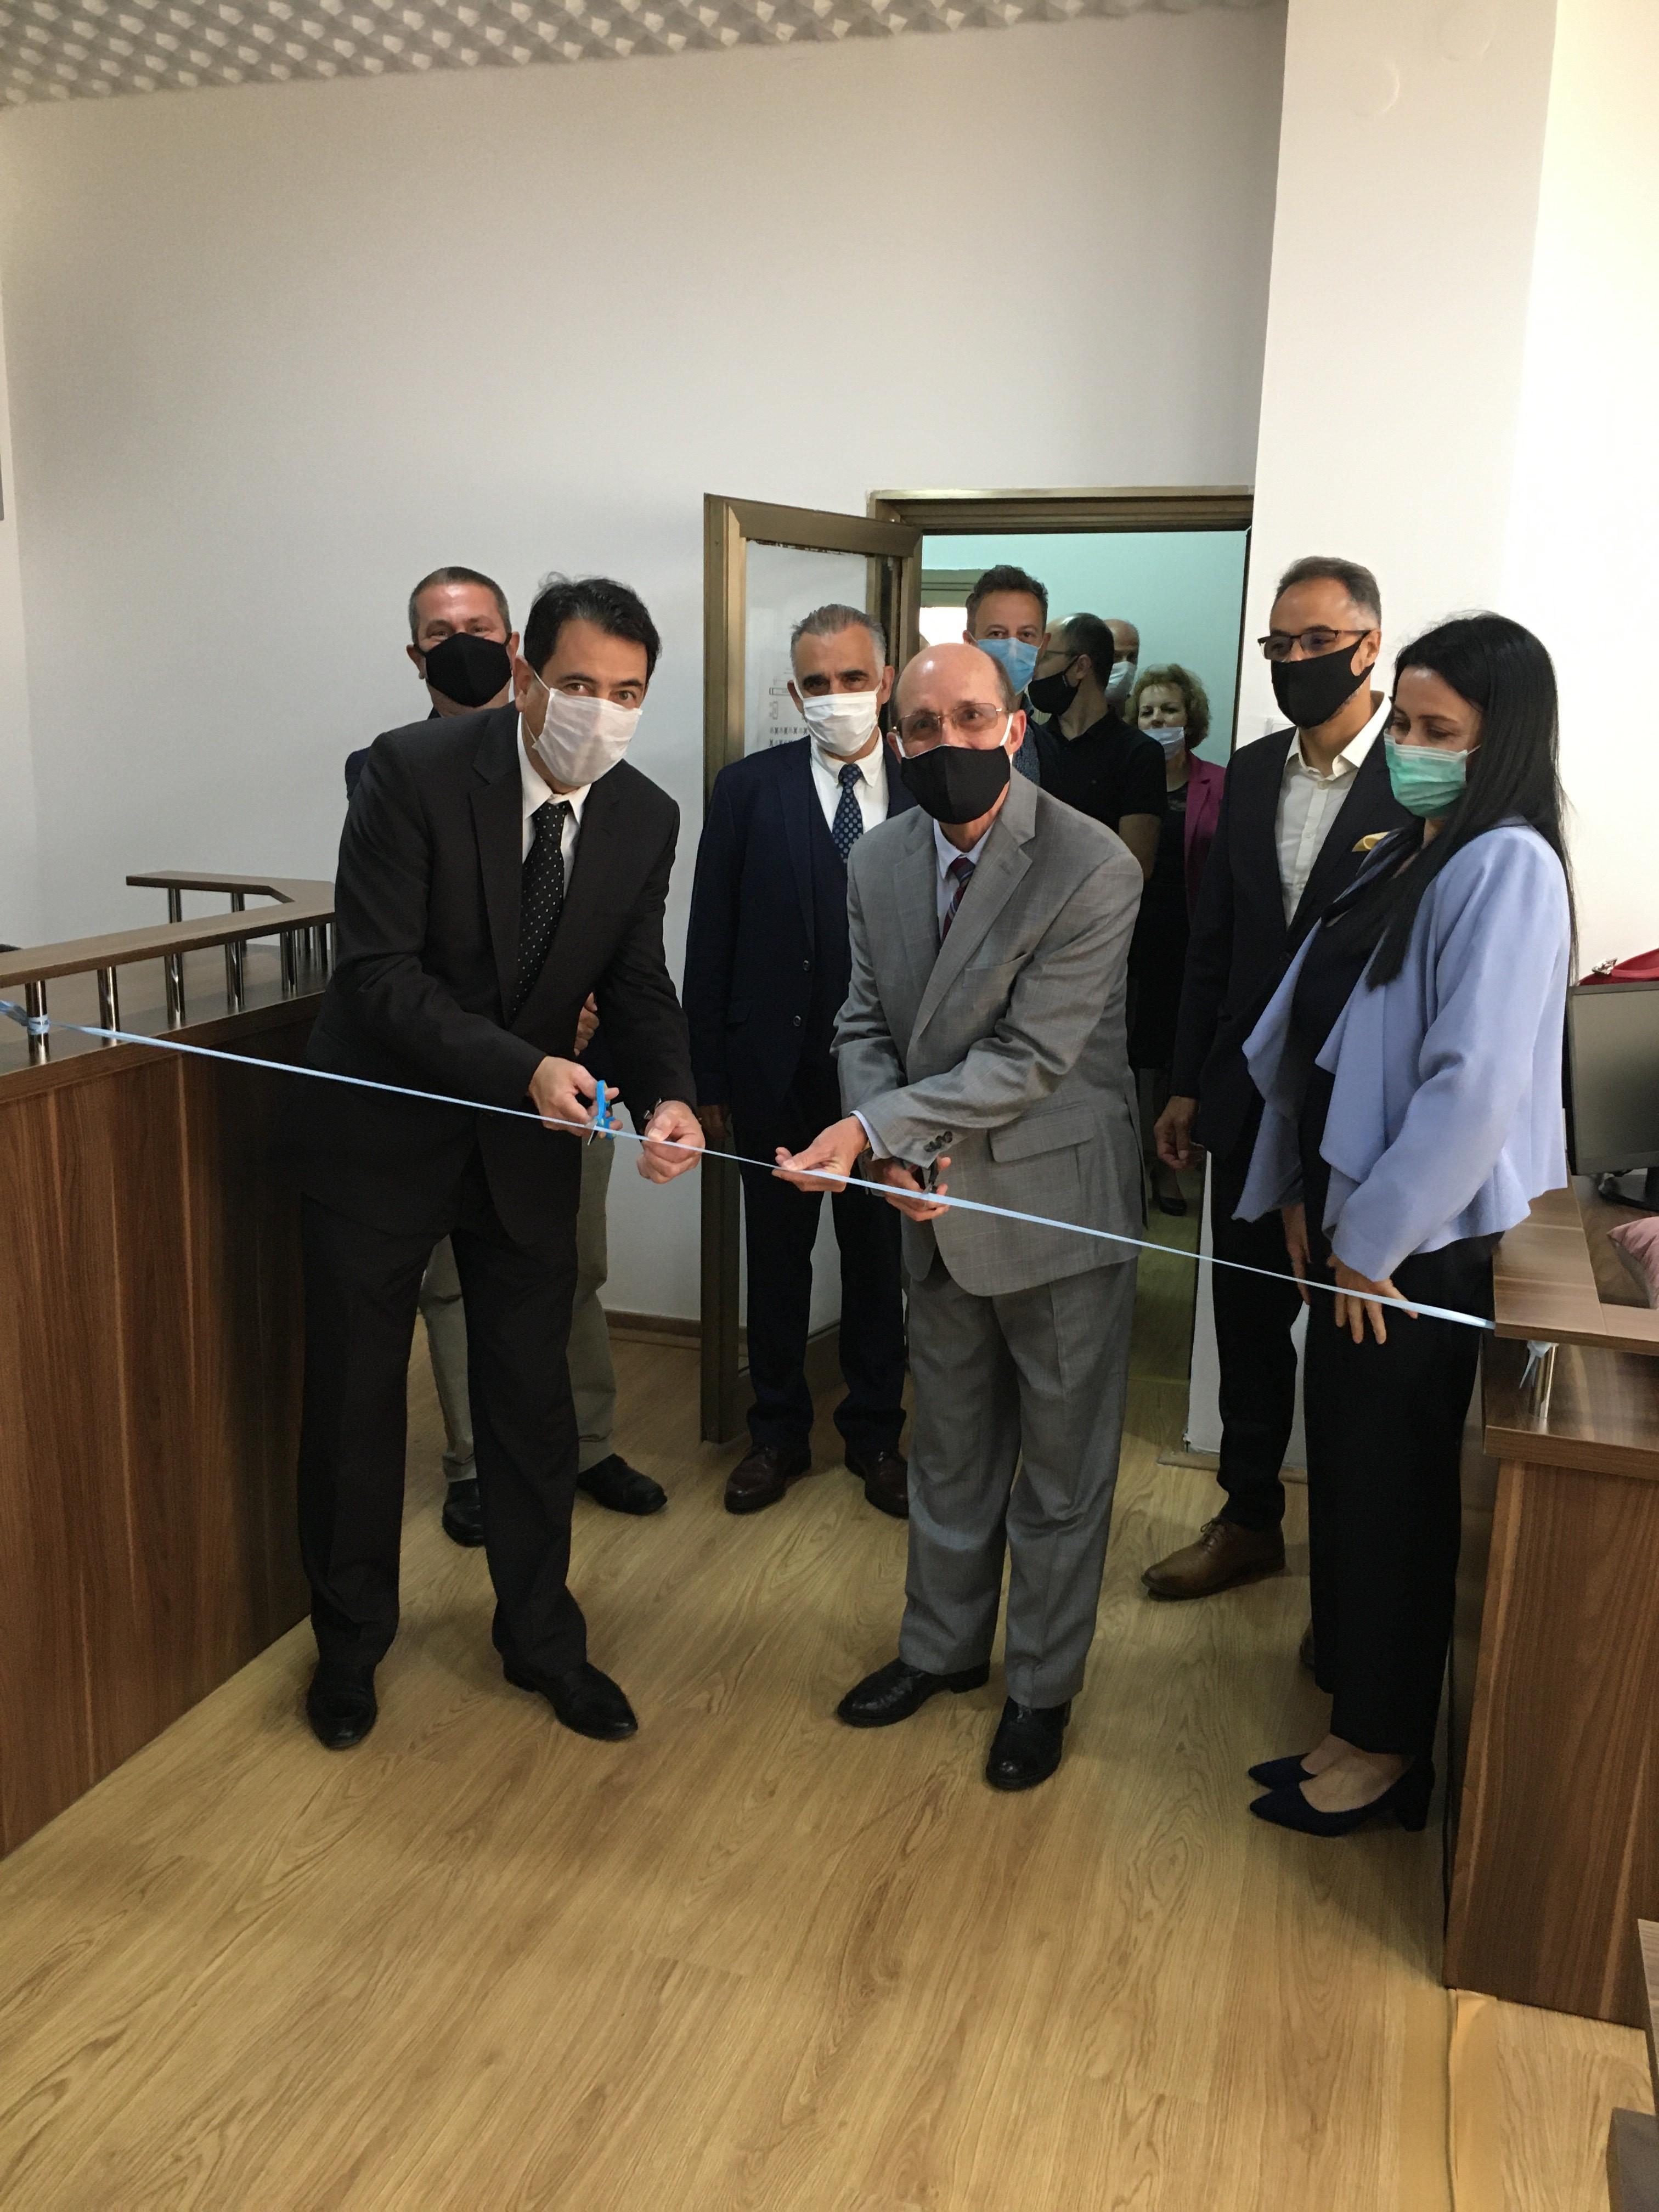 Нова судница у Митровачком региону најновији је корак ка сталном побољшању приступа правосуђу за становнике тог региона.